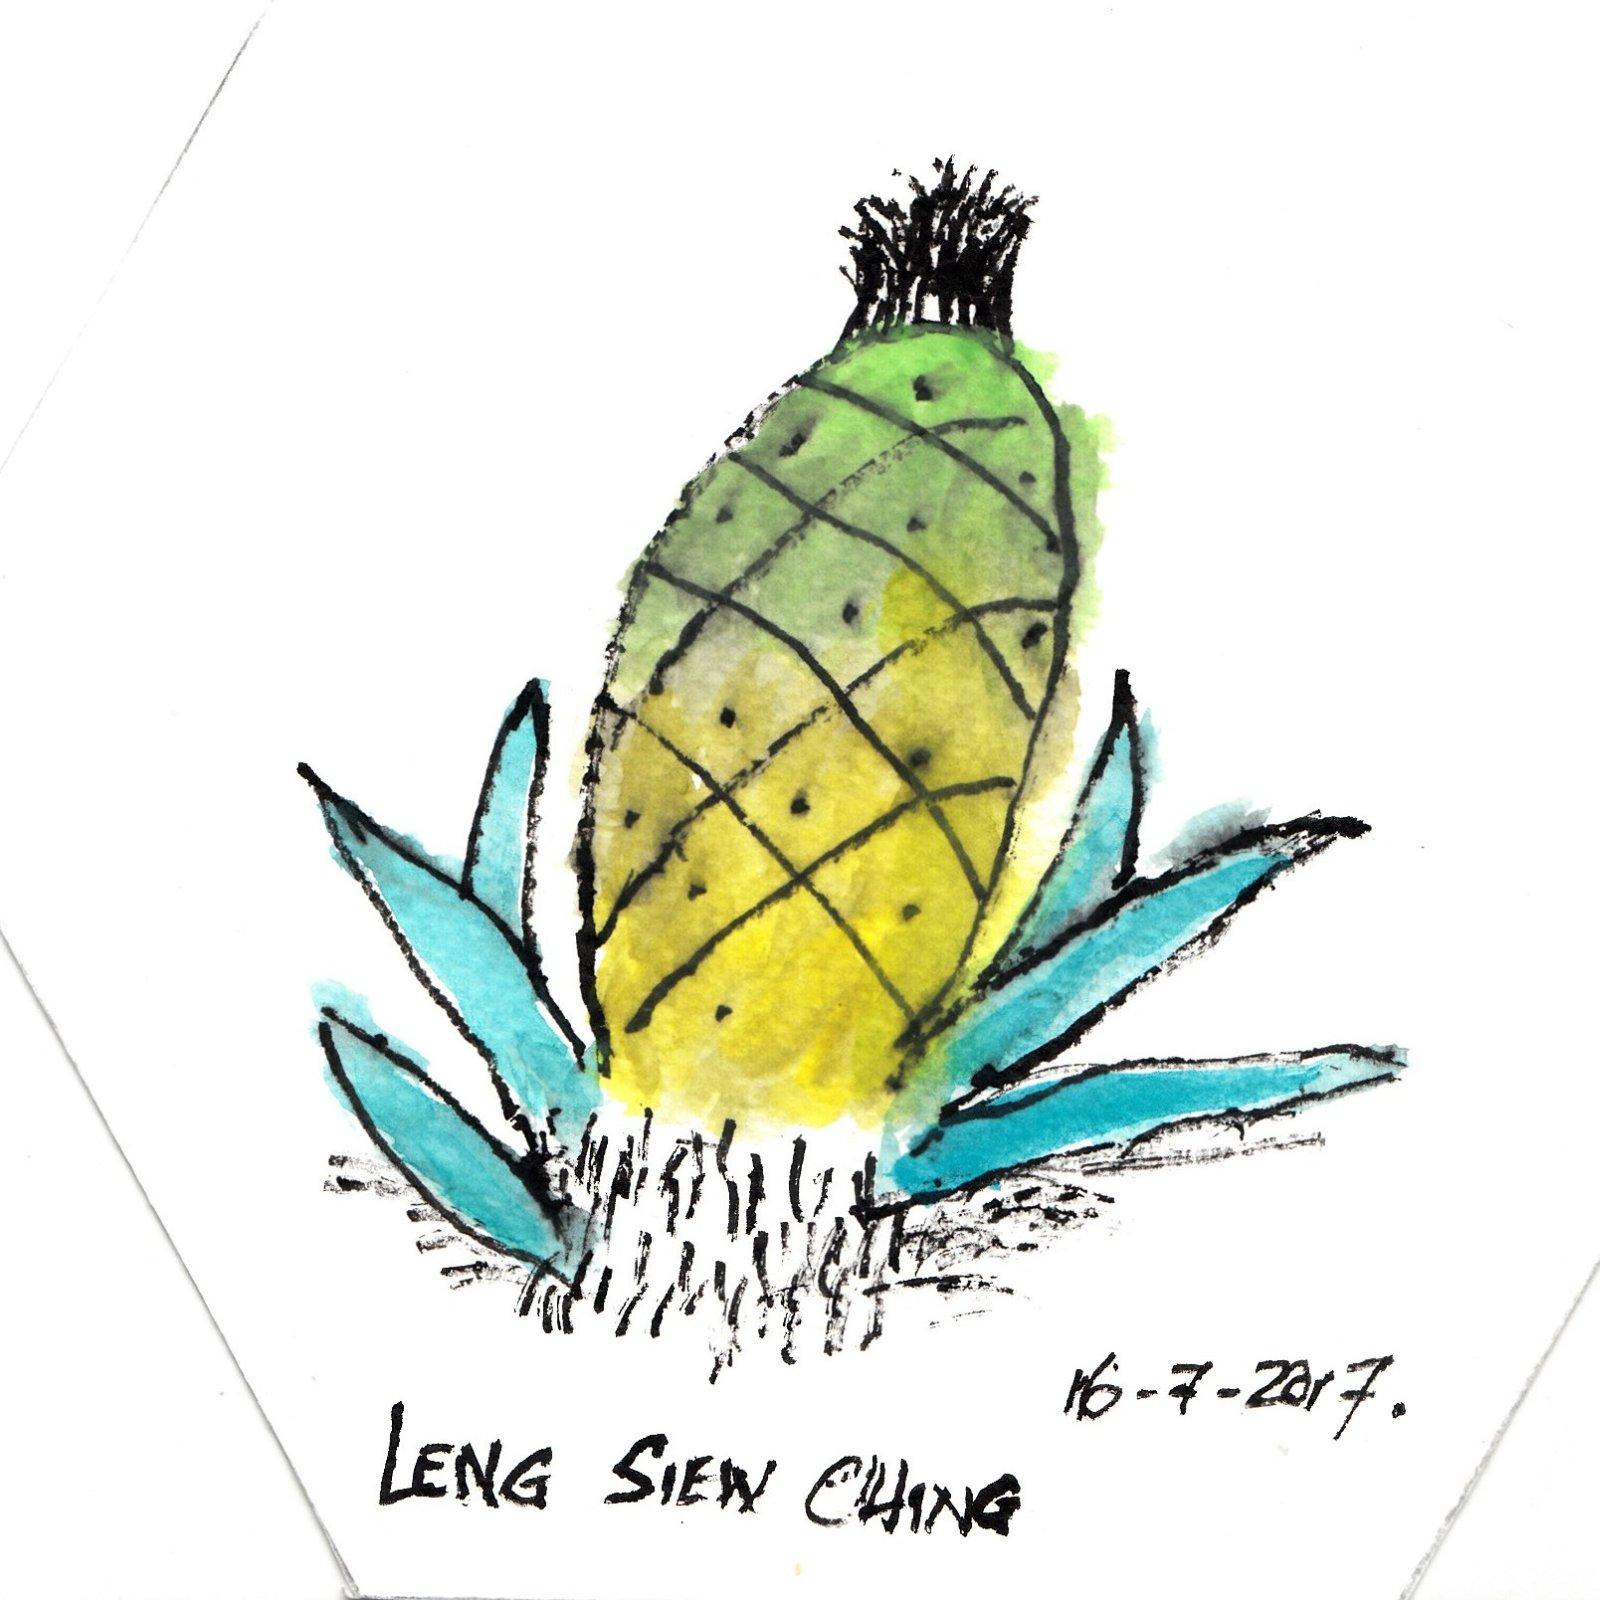 Leng Siew Ching1_grid.jpg